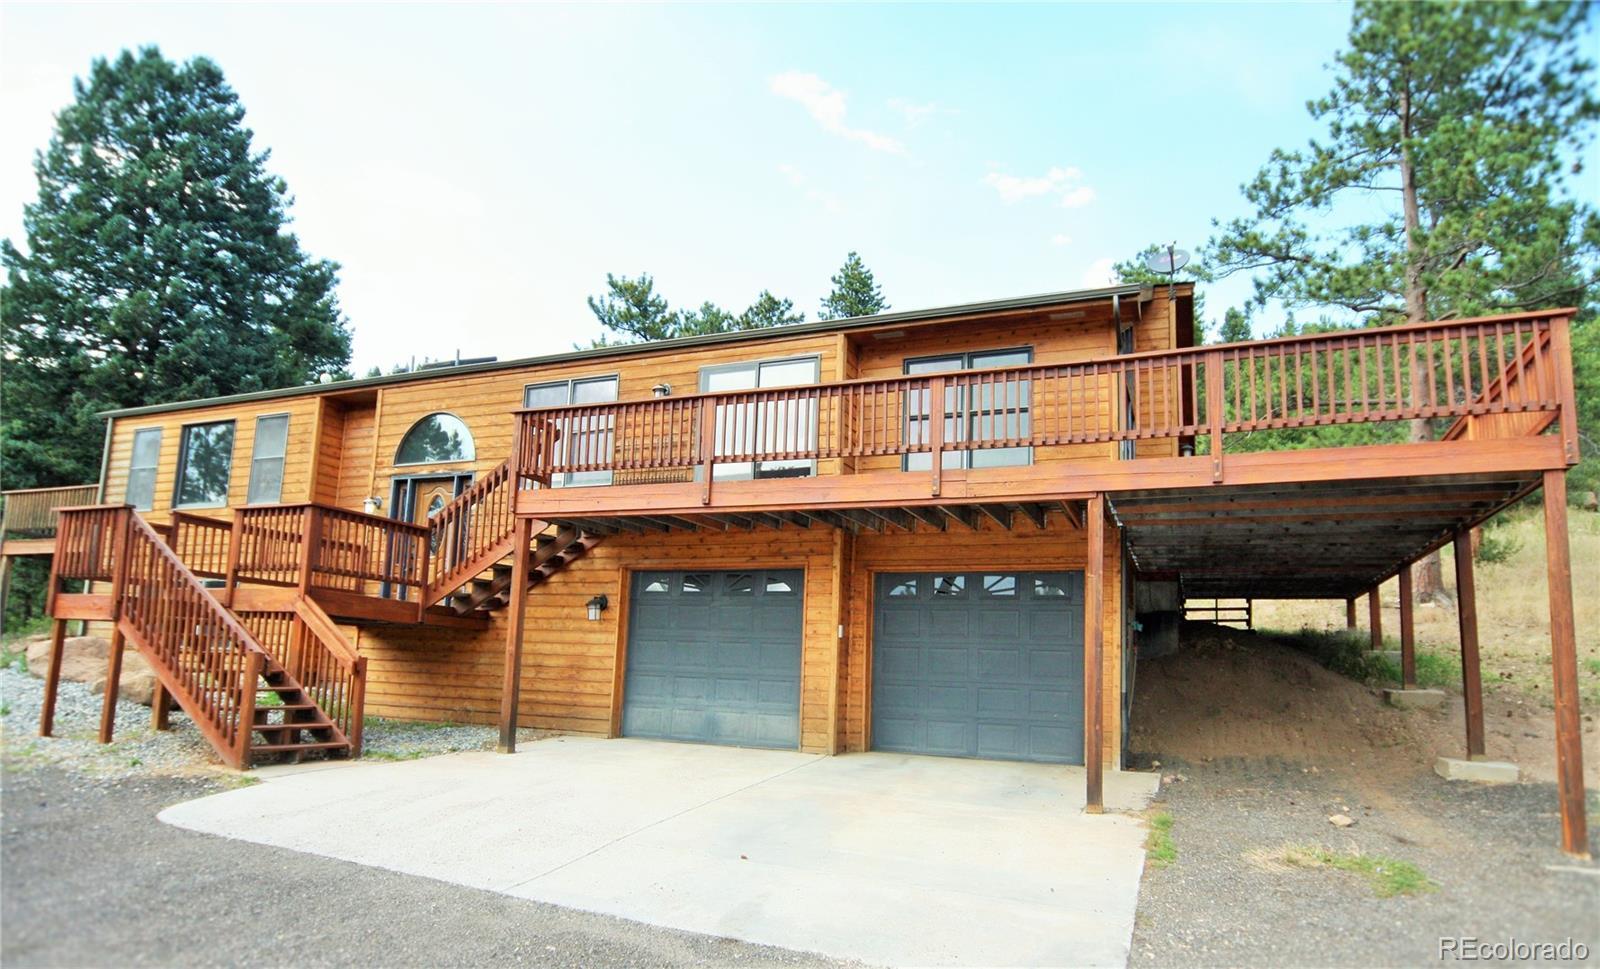 MLS# 5313125 - 1 - 11911 Antler Trail, Littleton, CO 80127